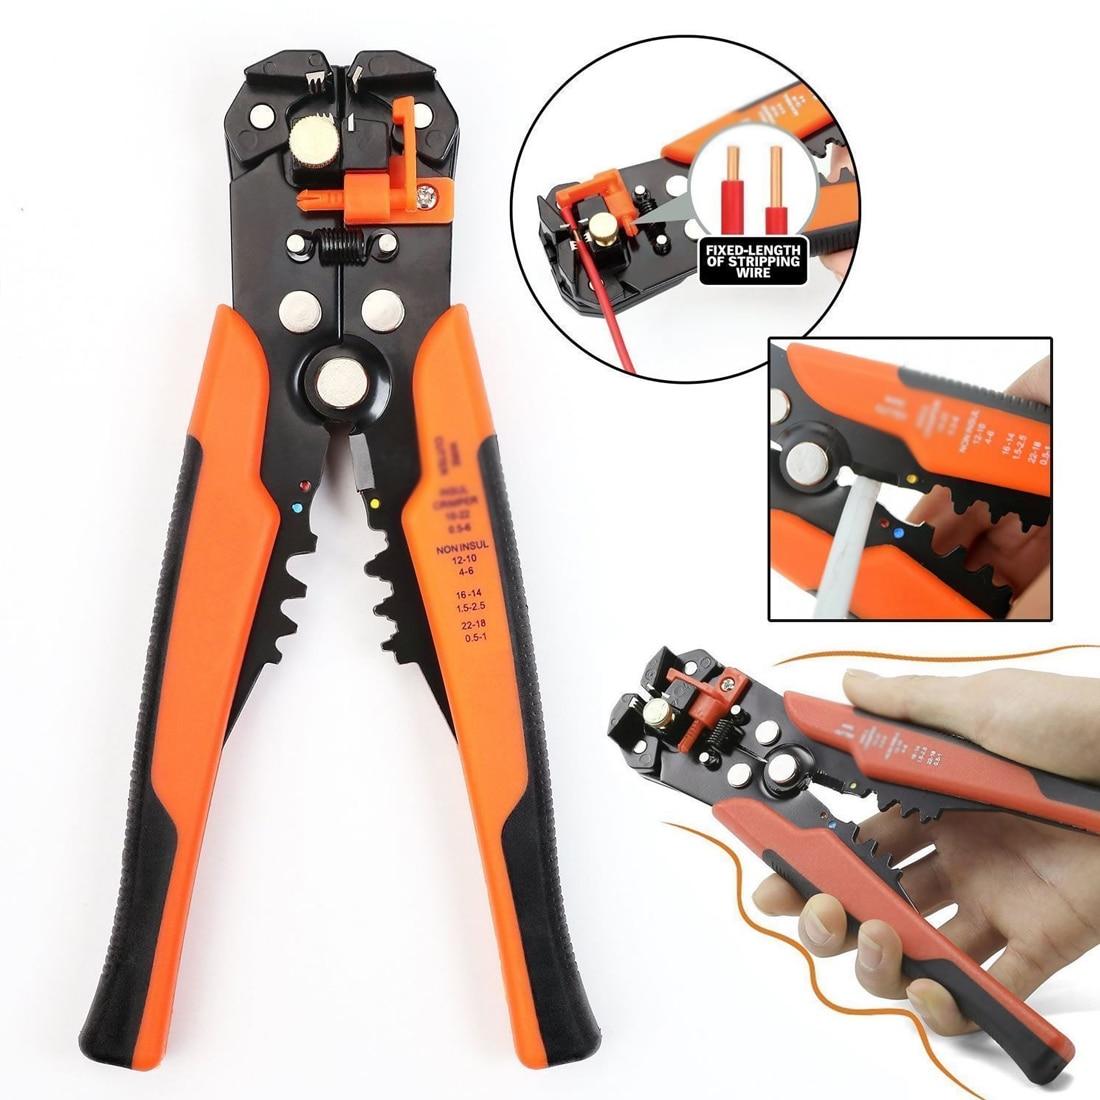 Многофункциональные инструменты для снятия изоляции обжимной инструмент для кабелей резак автоматический инструмент для зачистки провод...